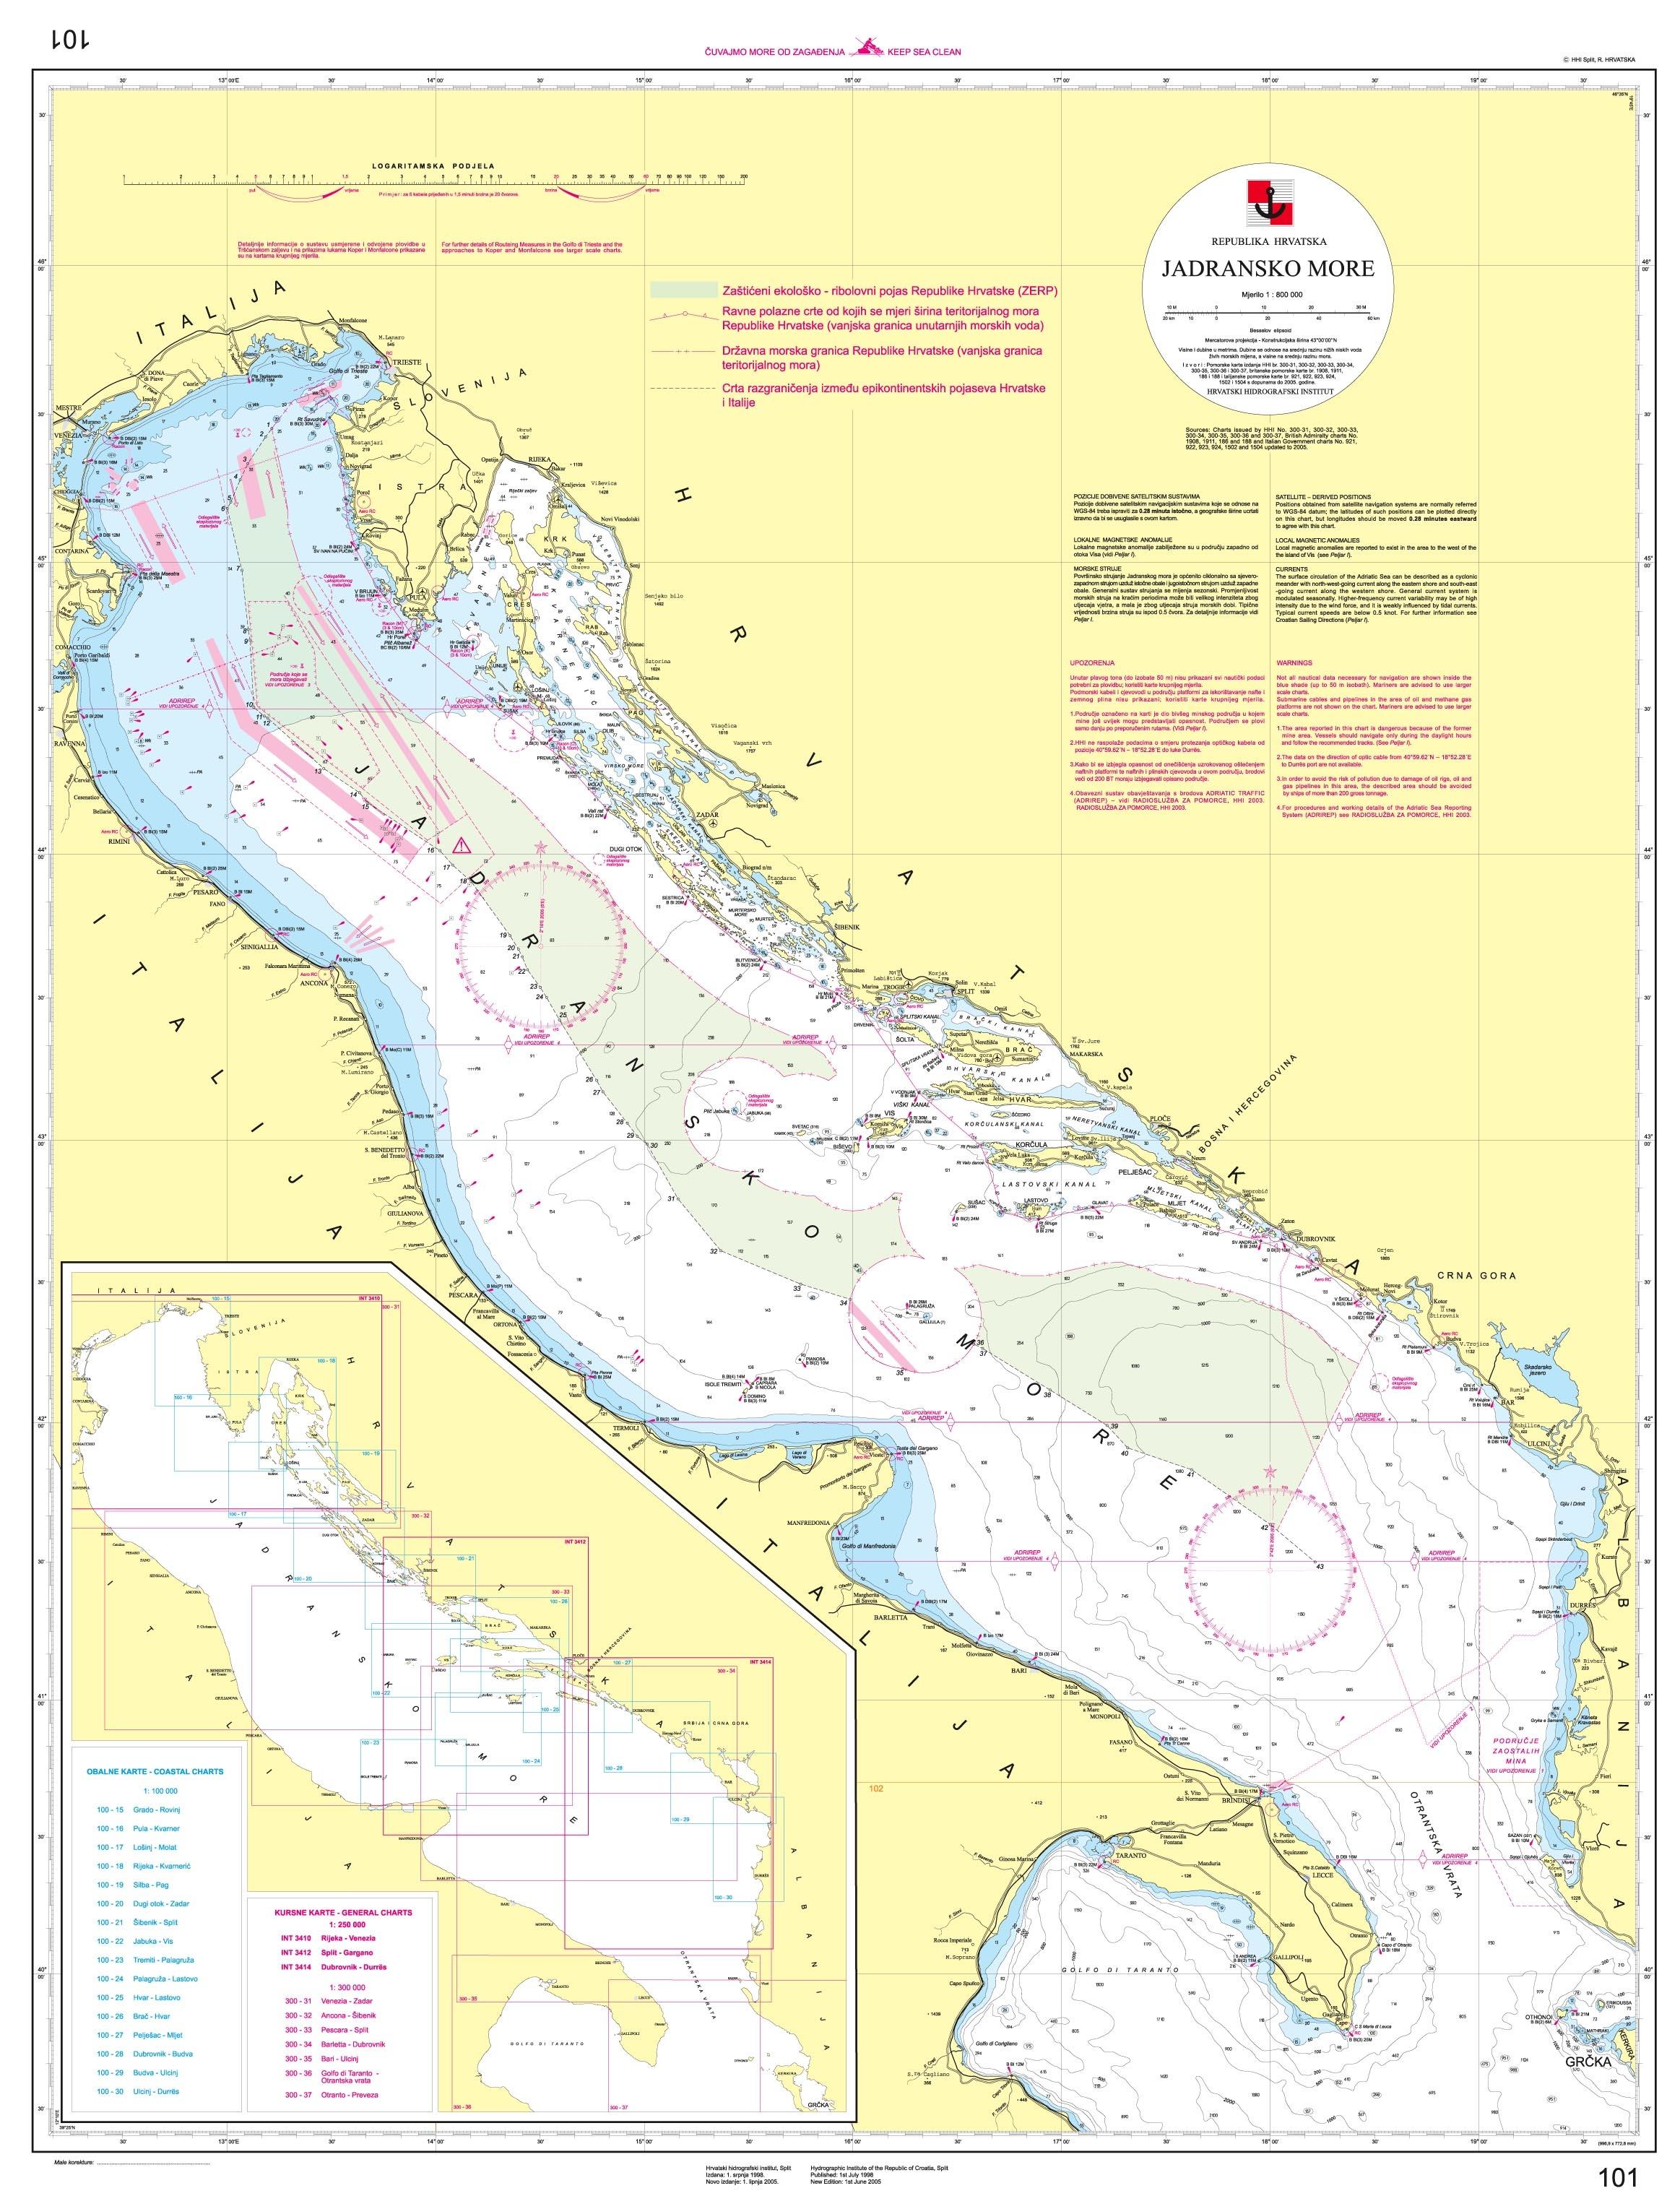 Italien Obere Adria Karte.Online Hafenhandbuch Italien Hafen Und Marinas An Der